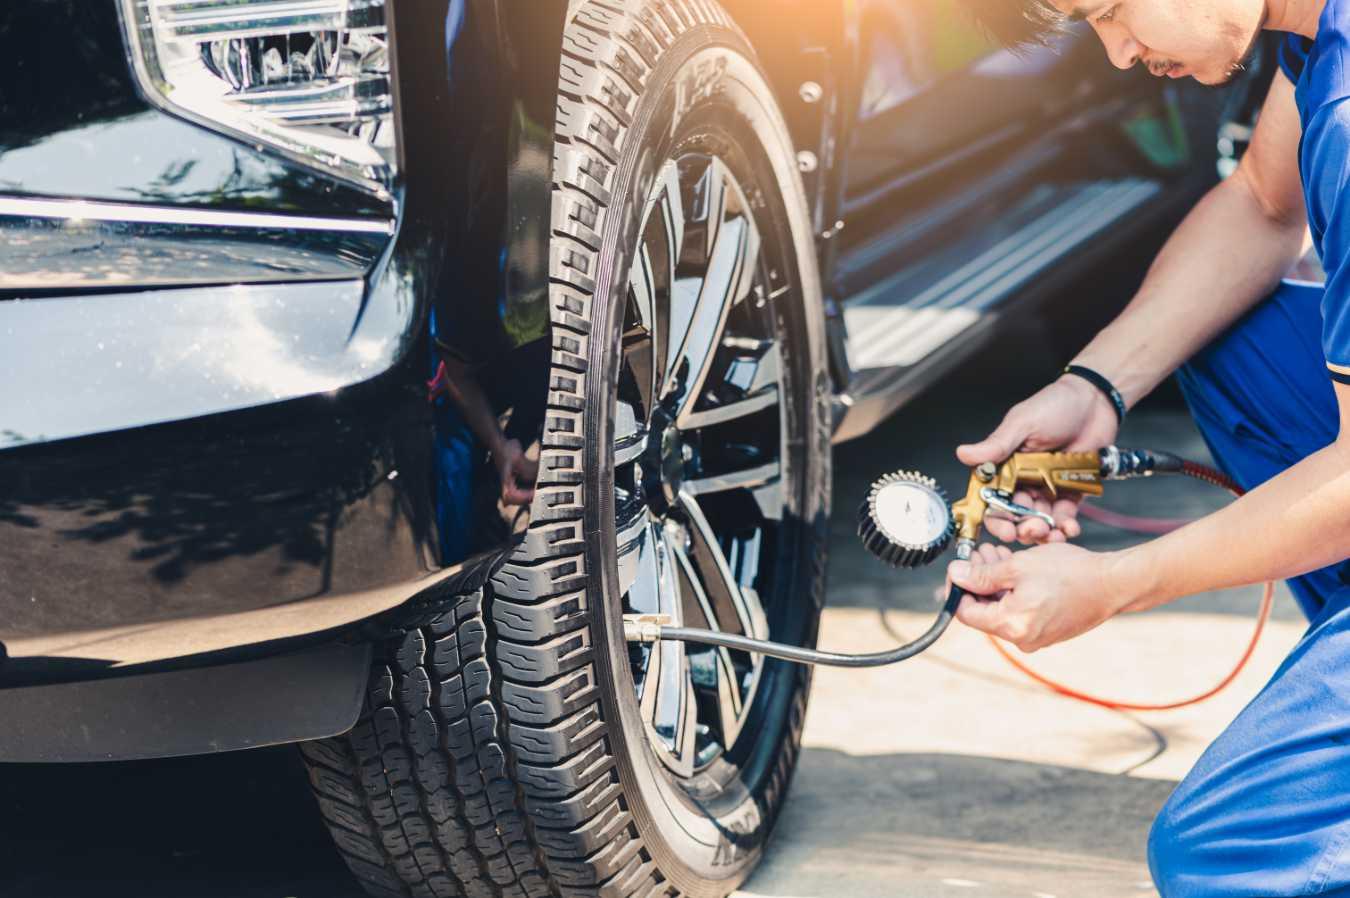 Jak pompować opony? Co trzeba wiedzieć na temat sprawdzania i uzupełniania ciśnienia w oponach samochodowych?